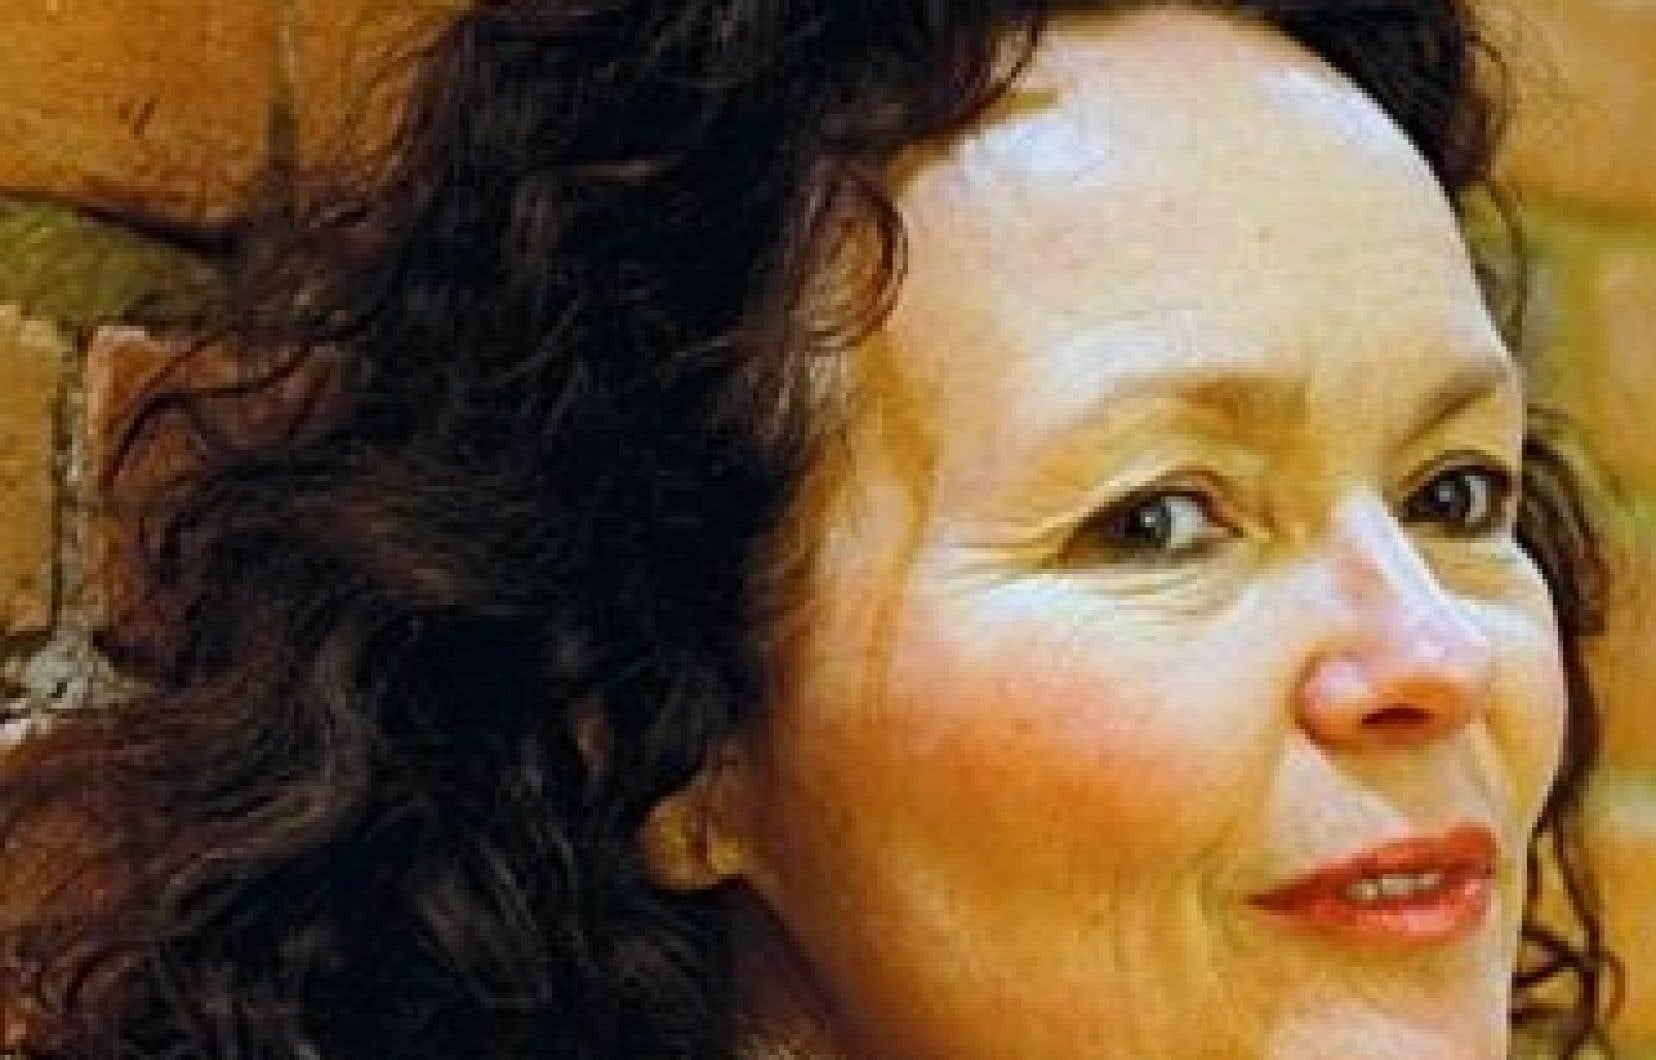 Manon Barbeau exhorte la ministre des Ressources humaines et du Développement des compétences, Diane Finley, à enjoindre à ses fonctionnaires de faire marche arrière, sans quoi le Wapikoni mobile devra faire une croix sur cette 8e année et se tourner vers d'autres bailleurs de fonds.